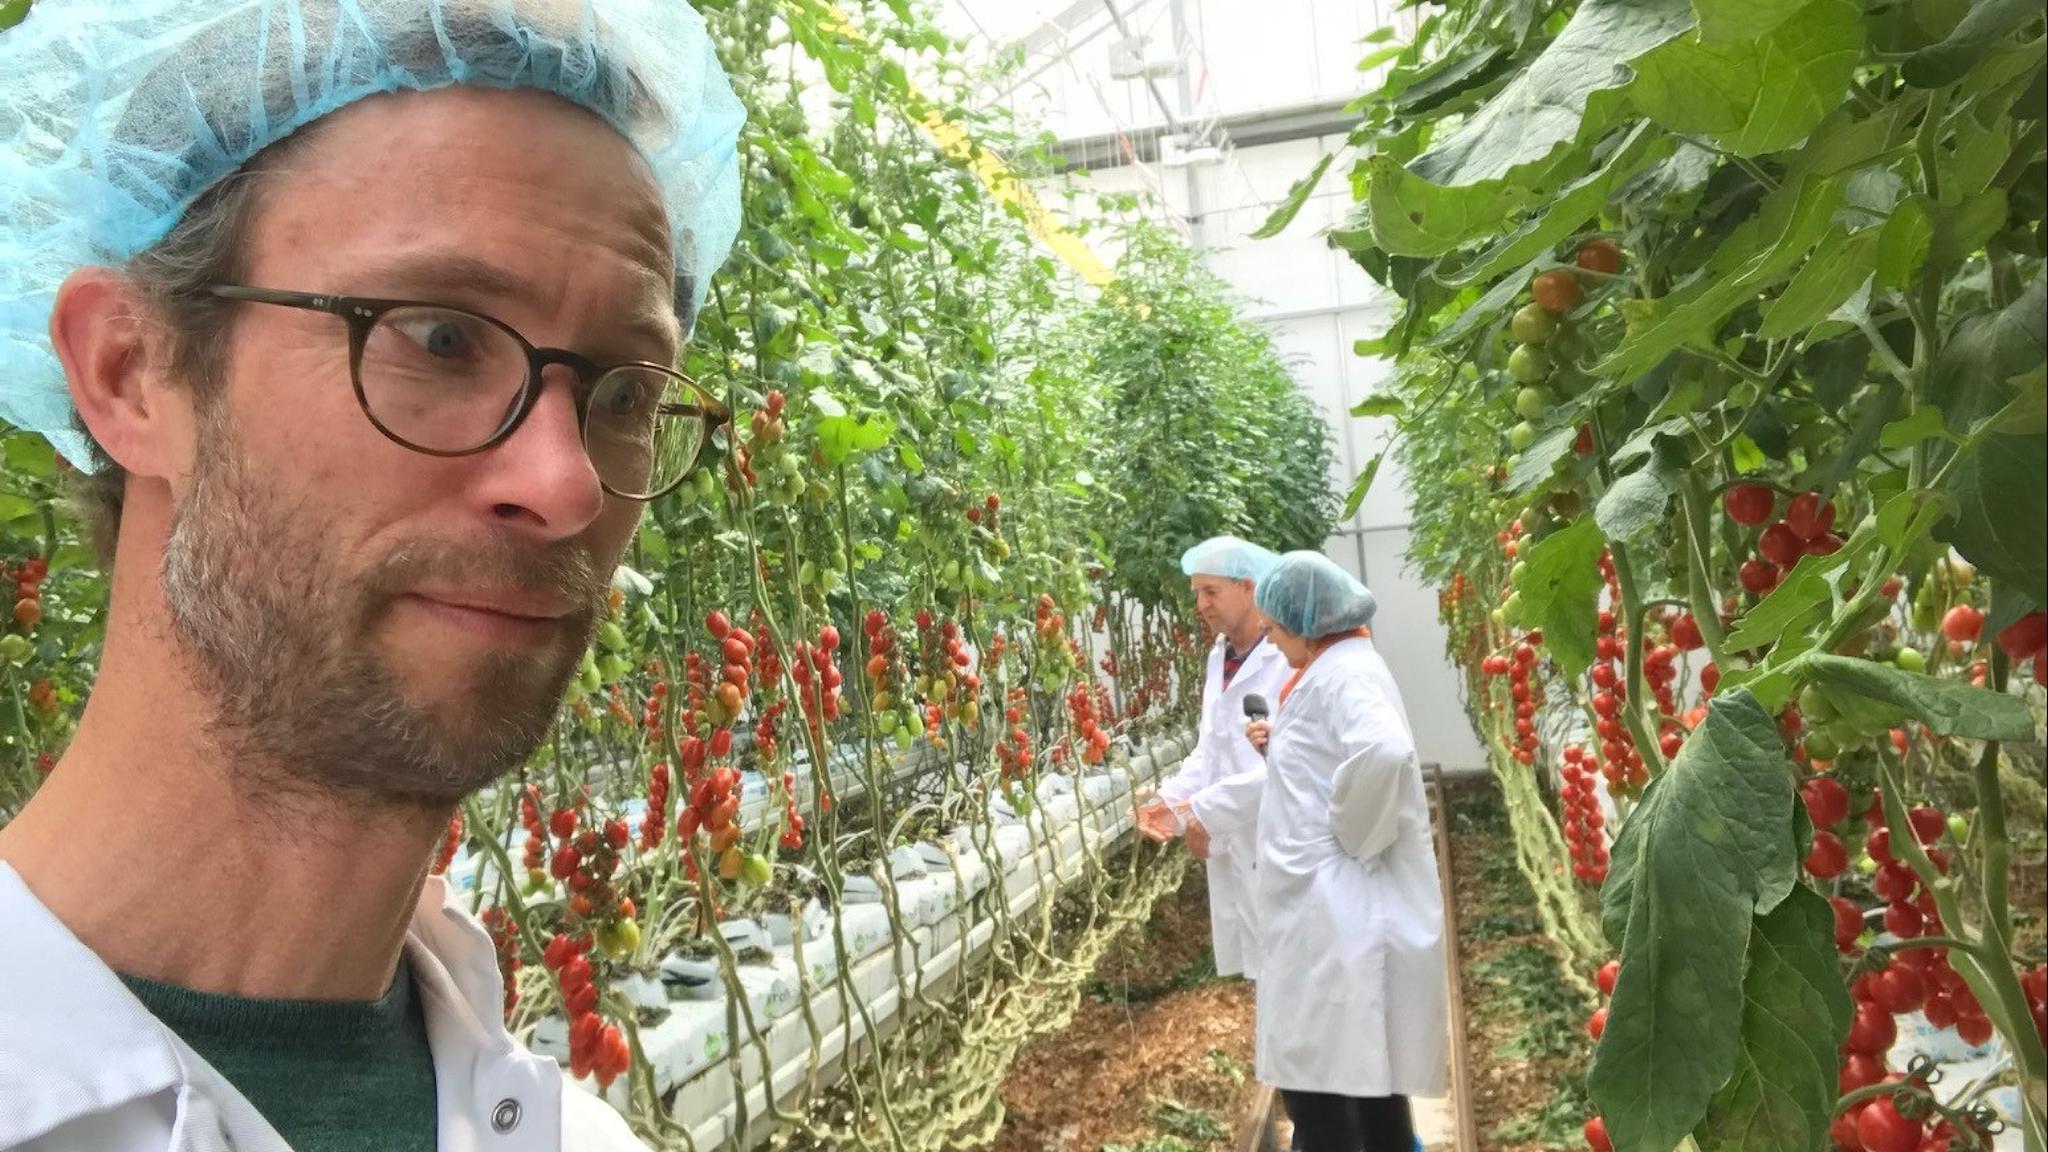 Programledaren Björn Gunér står i förgrunden i ett växthus med skyddsmössa och vit rock och tittar på röda tomater som växer. I bakgrunden två personer till i liknande kläder.